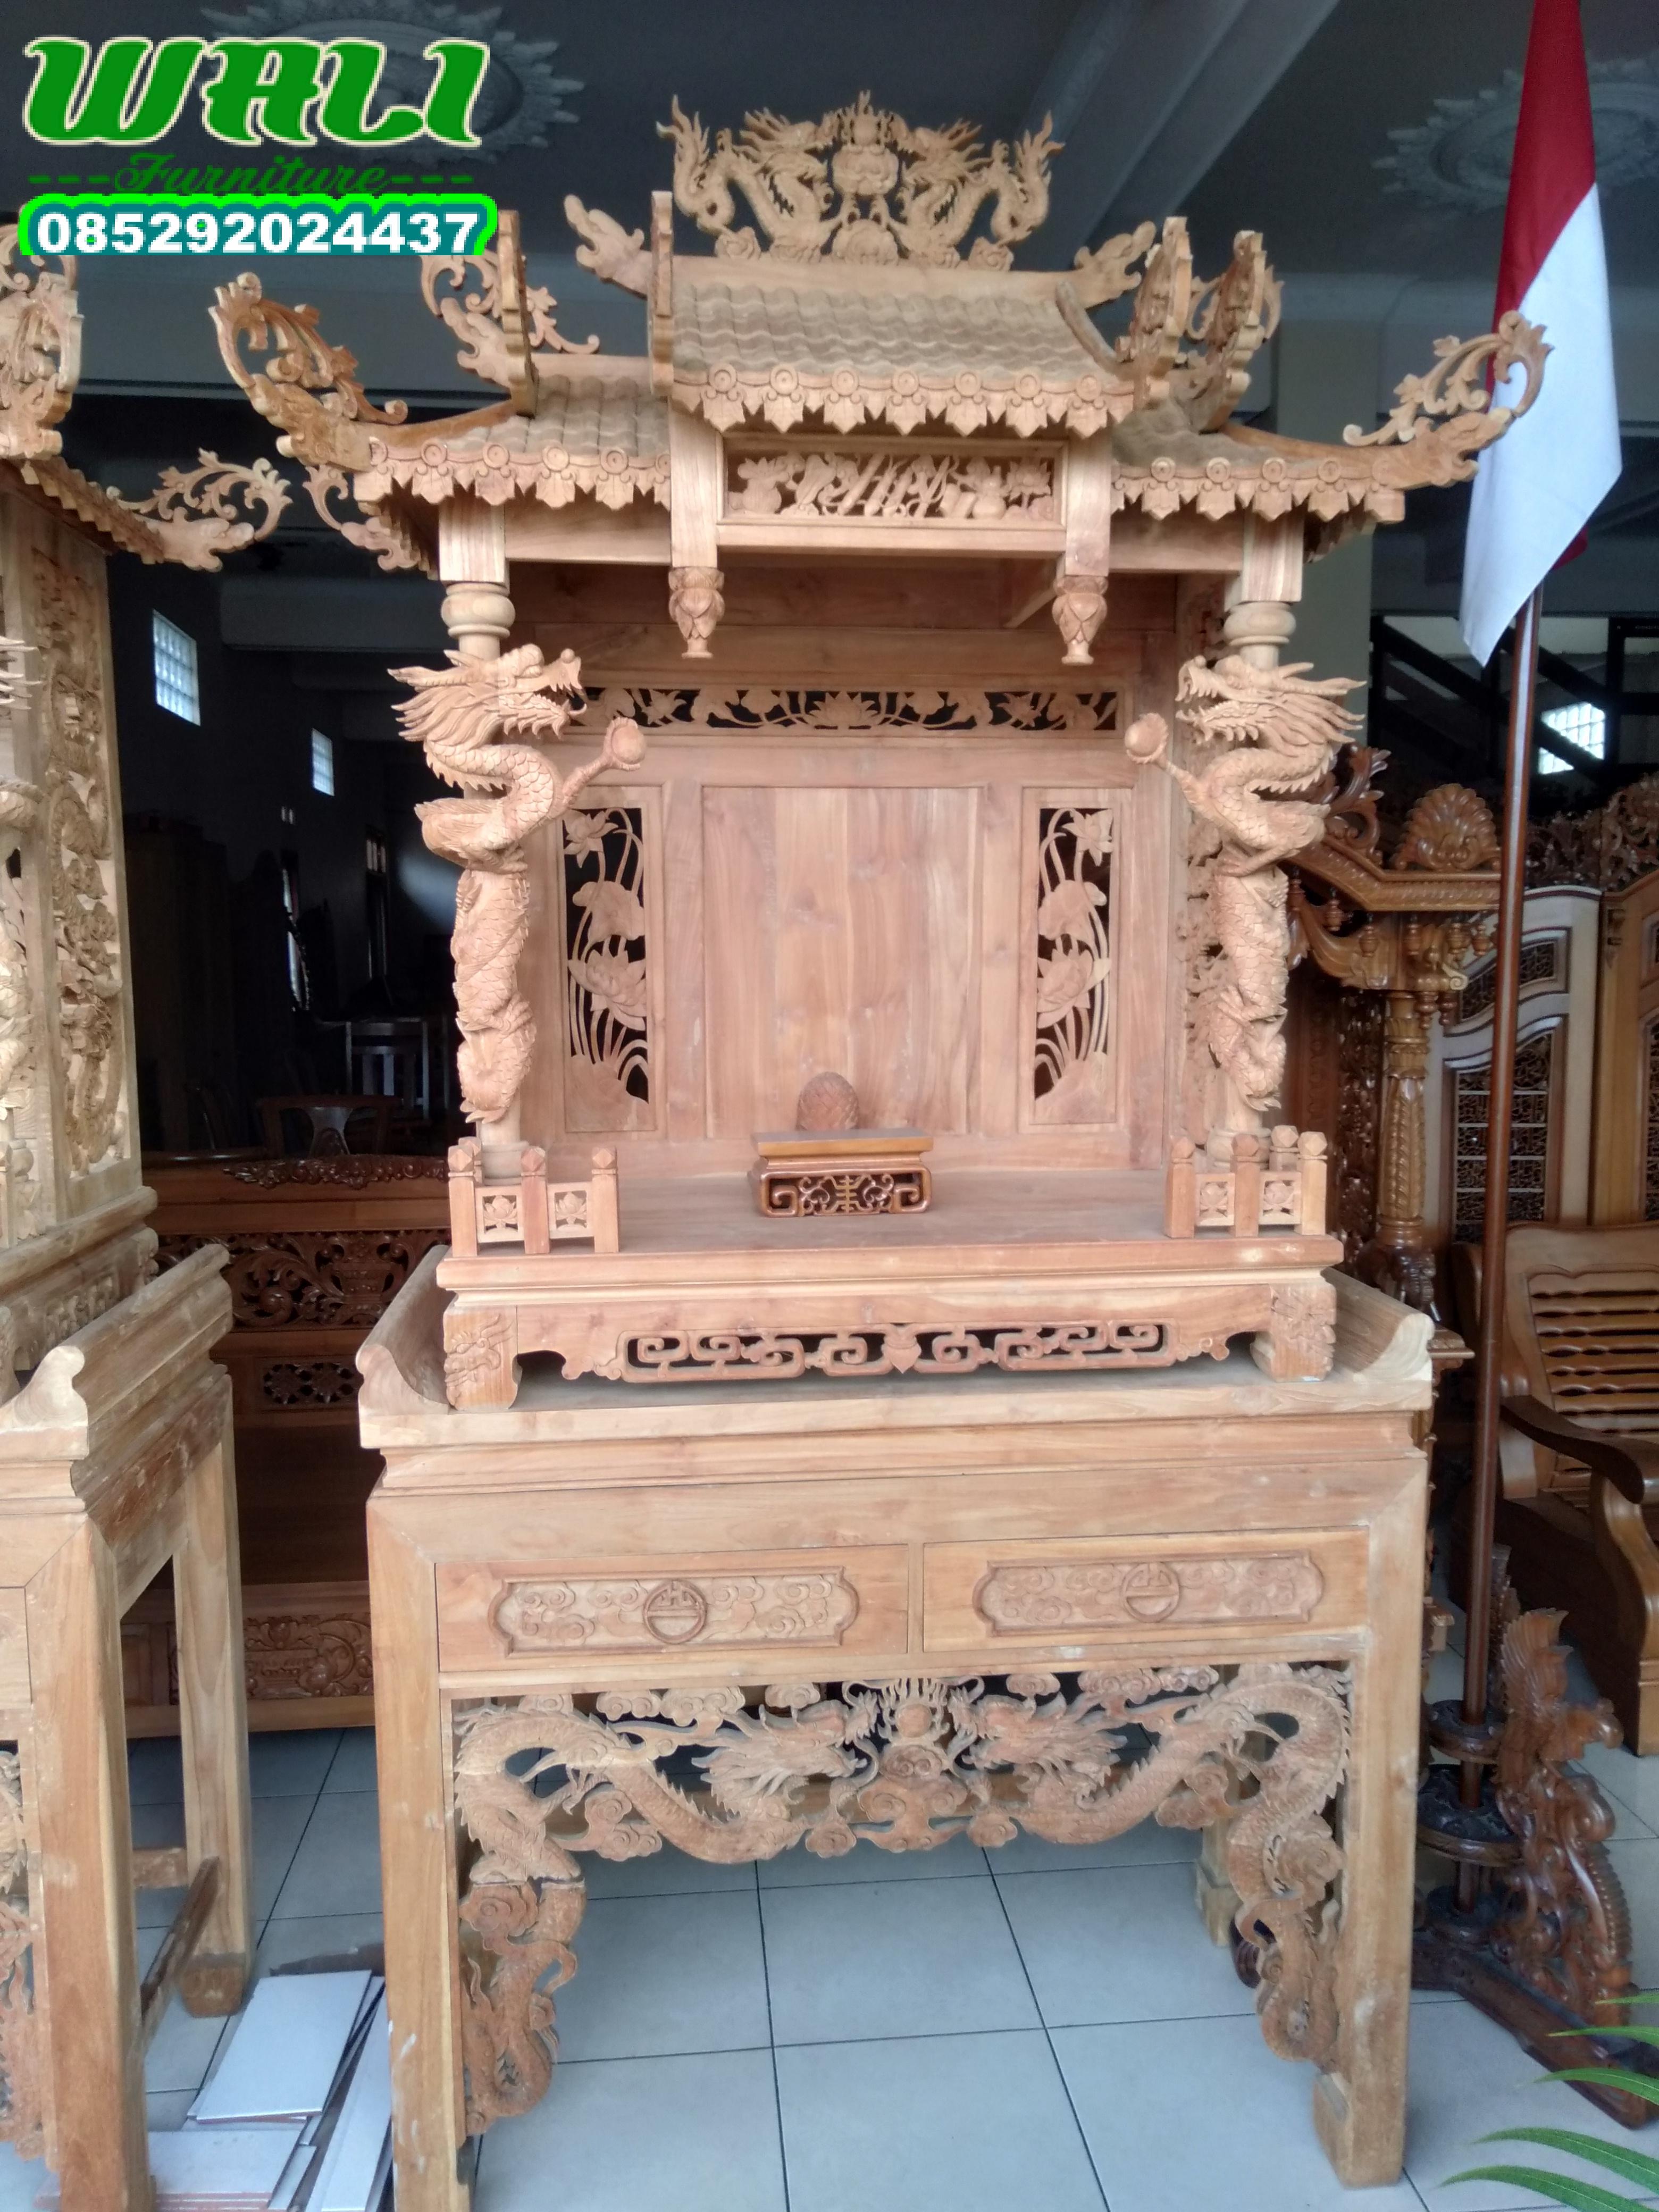 meja altar meja sembahyang ukir relief kepala naga,meja joli,meja sembahyang,meja dupa,tempat dupa,tempat sembahyang orang cina,tempat dewa bumi,meja sesembahan,meja dewa bumi